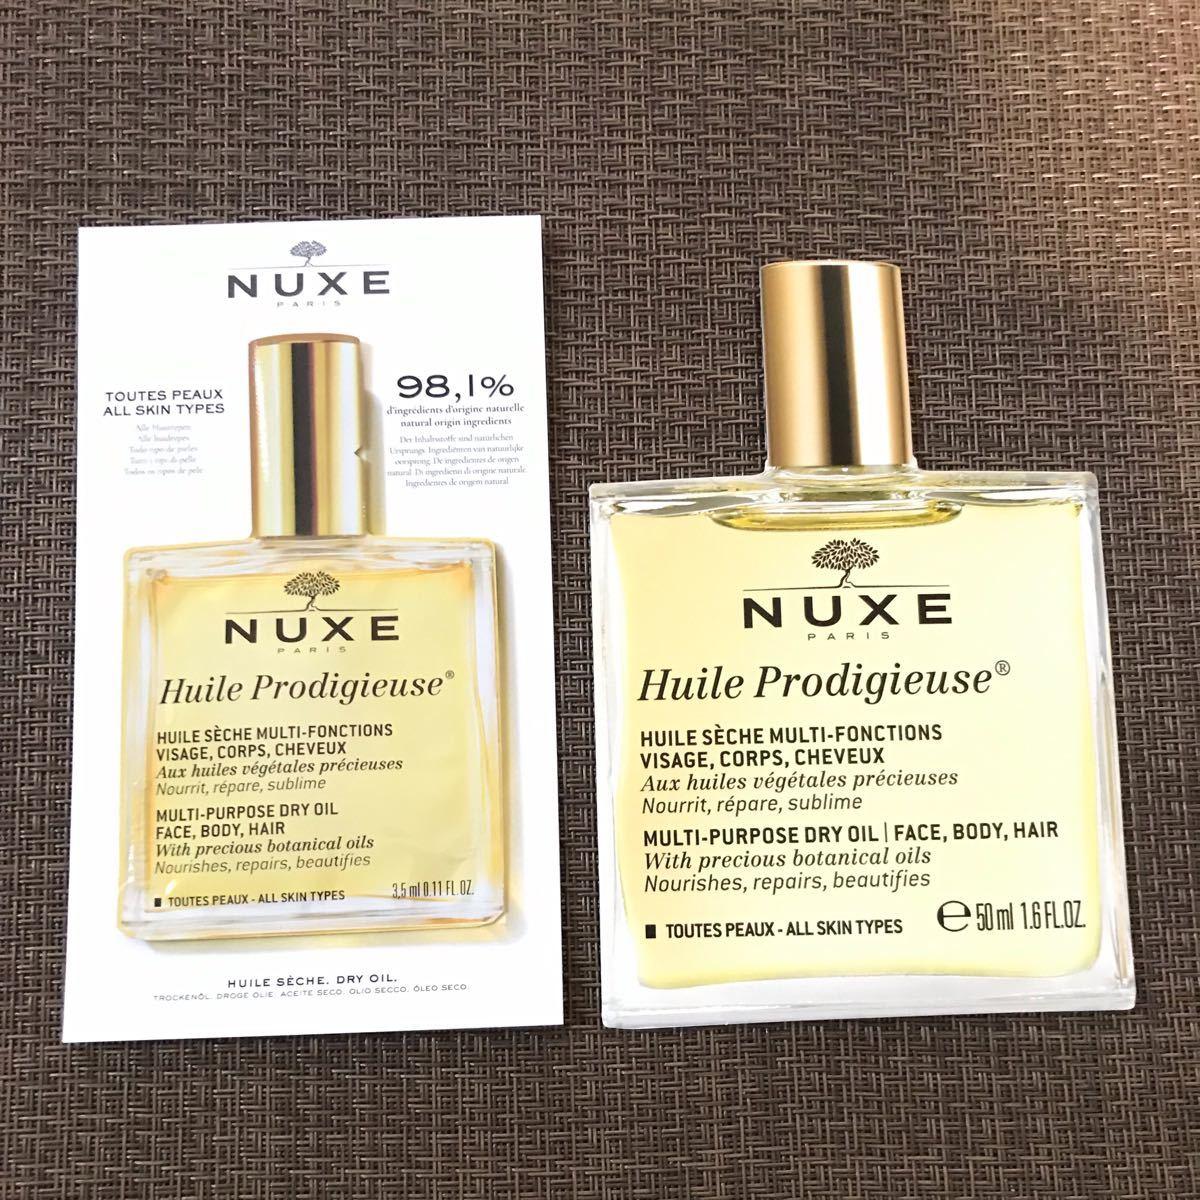 オイル nuxe リピ買いNUXEプロディジューオイルの感想・成分・使い方をまとめました。